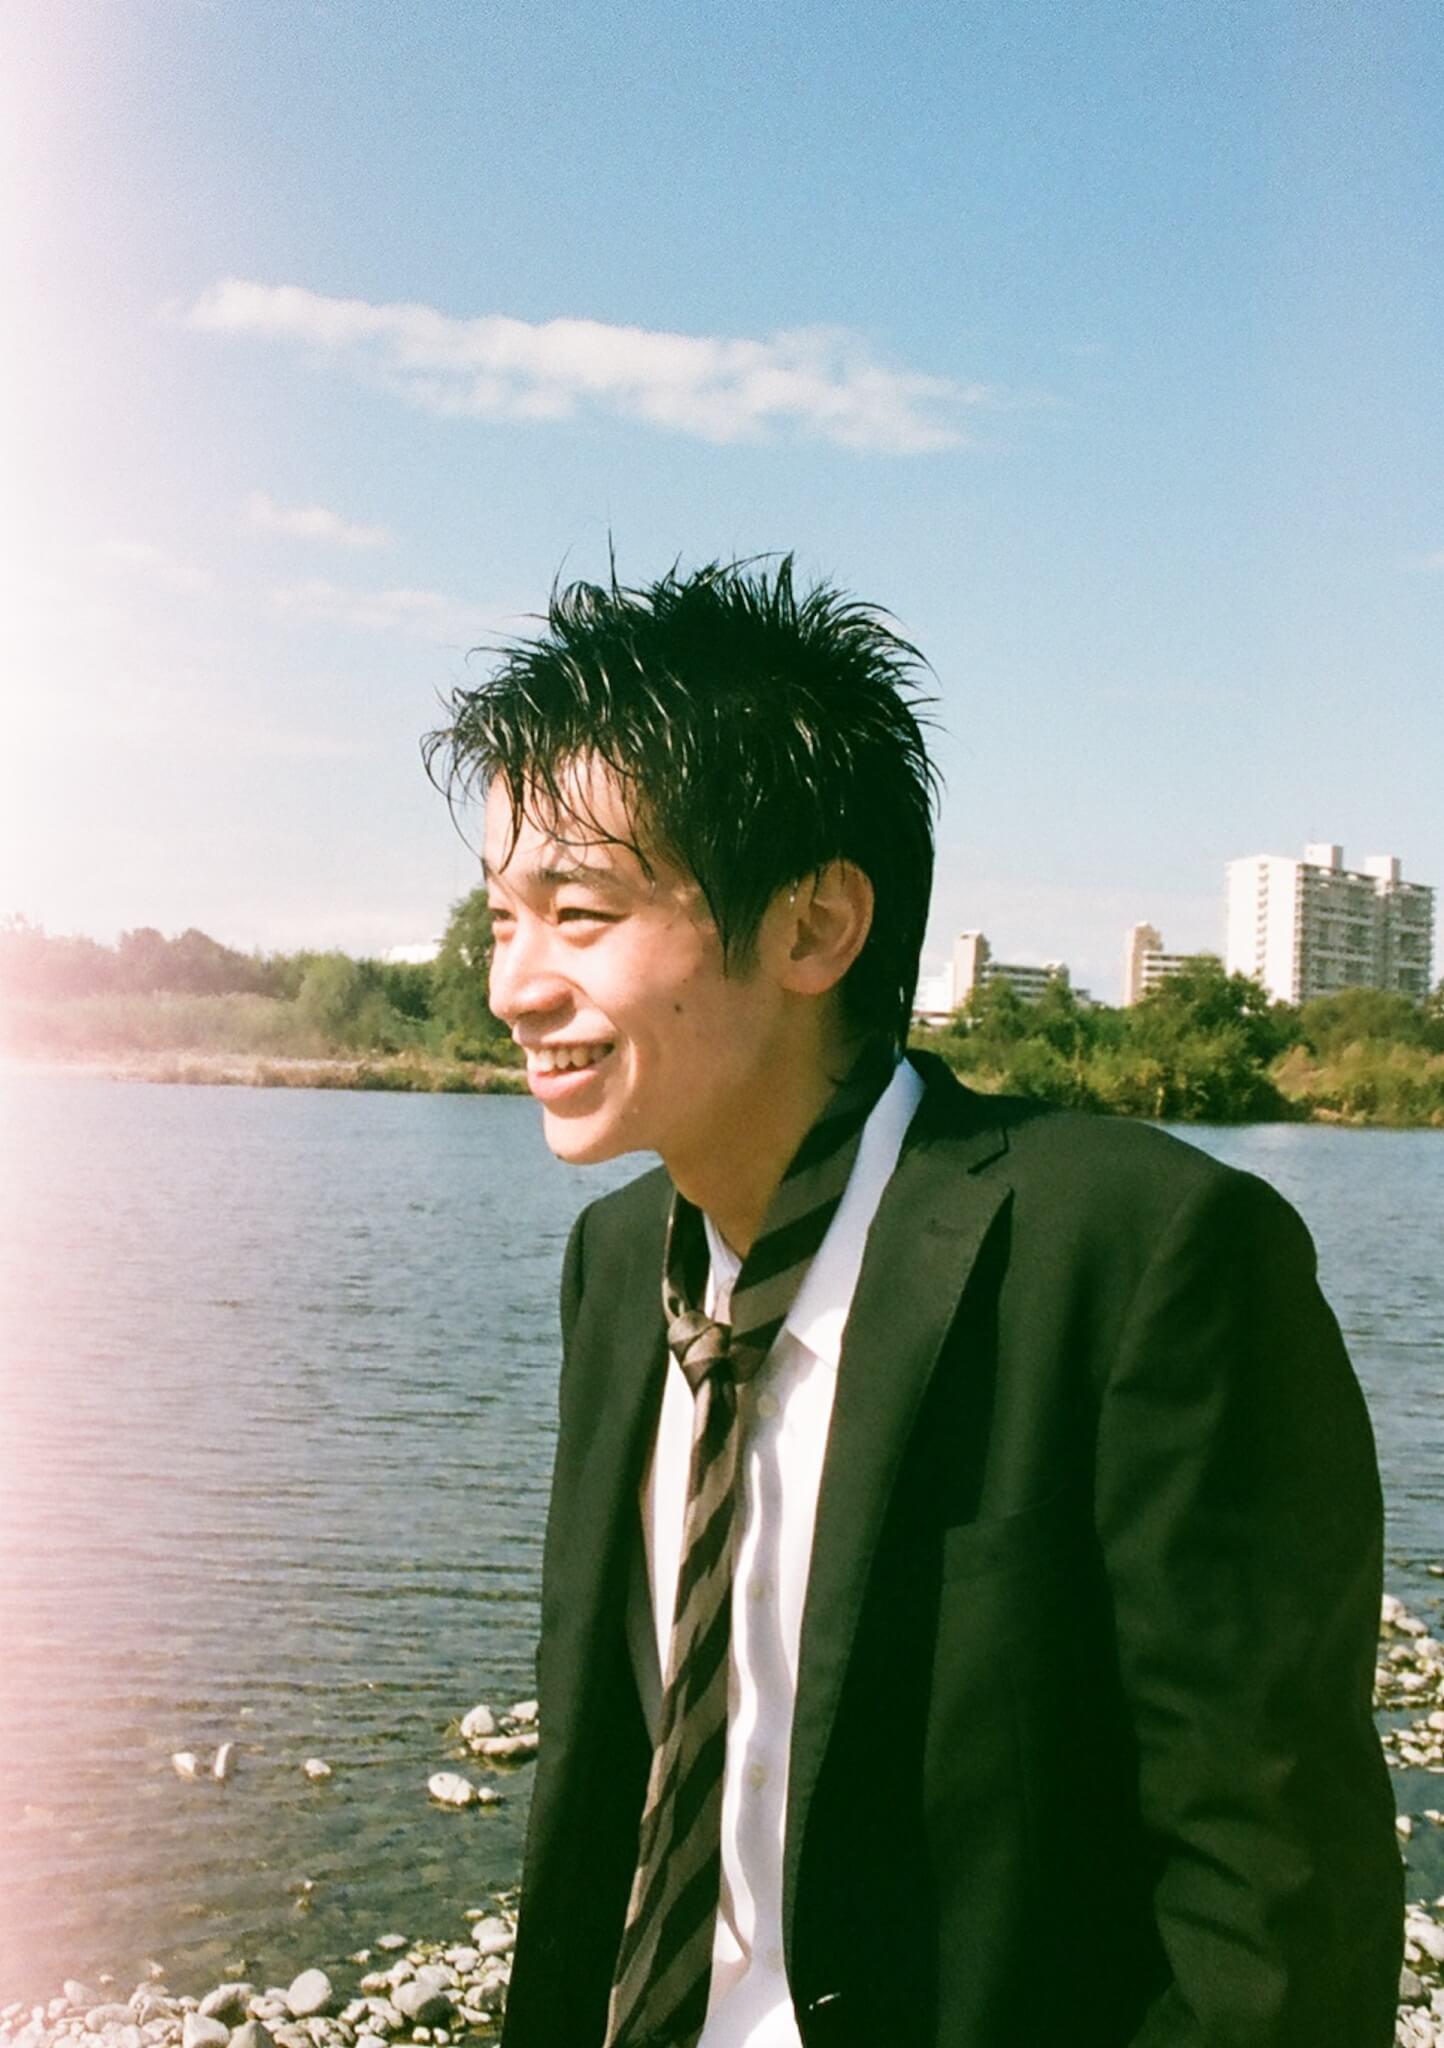 どうも東京の人にはなれなかったらしい|「24歳と4ヶ月の朝は乾いてた」 rarara-24-4-6